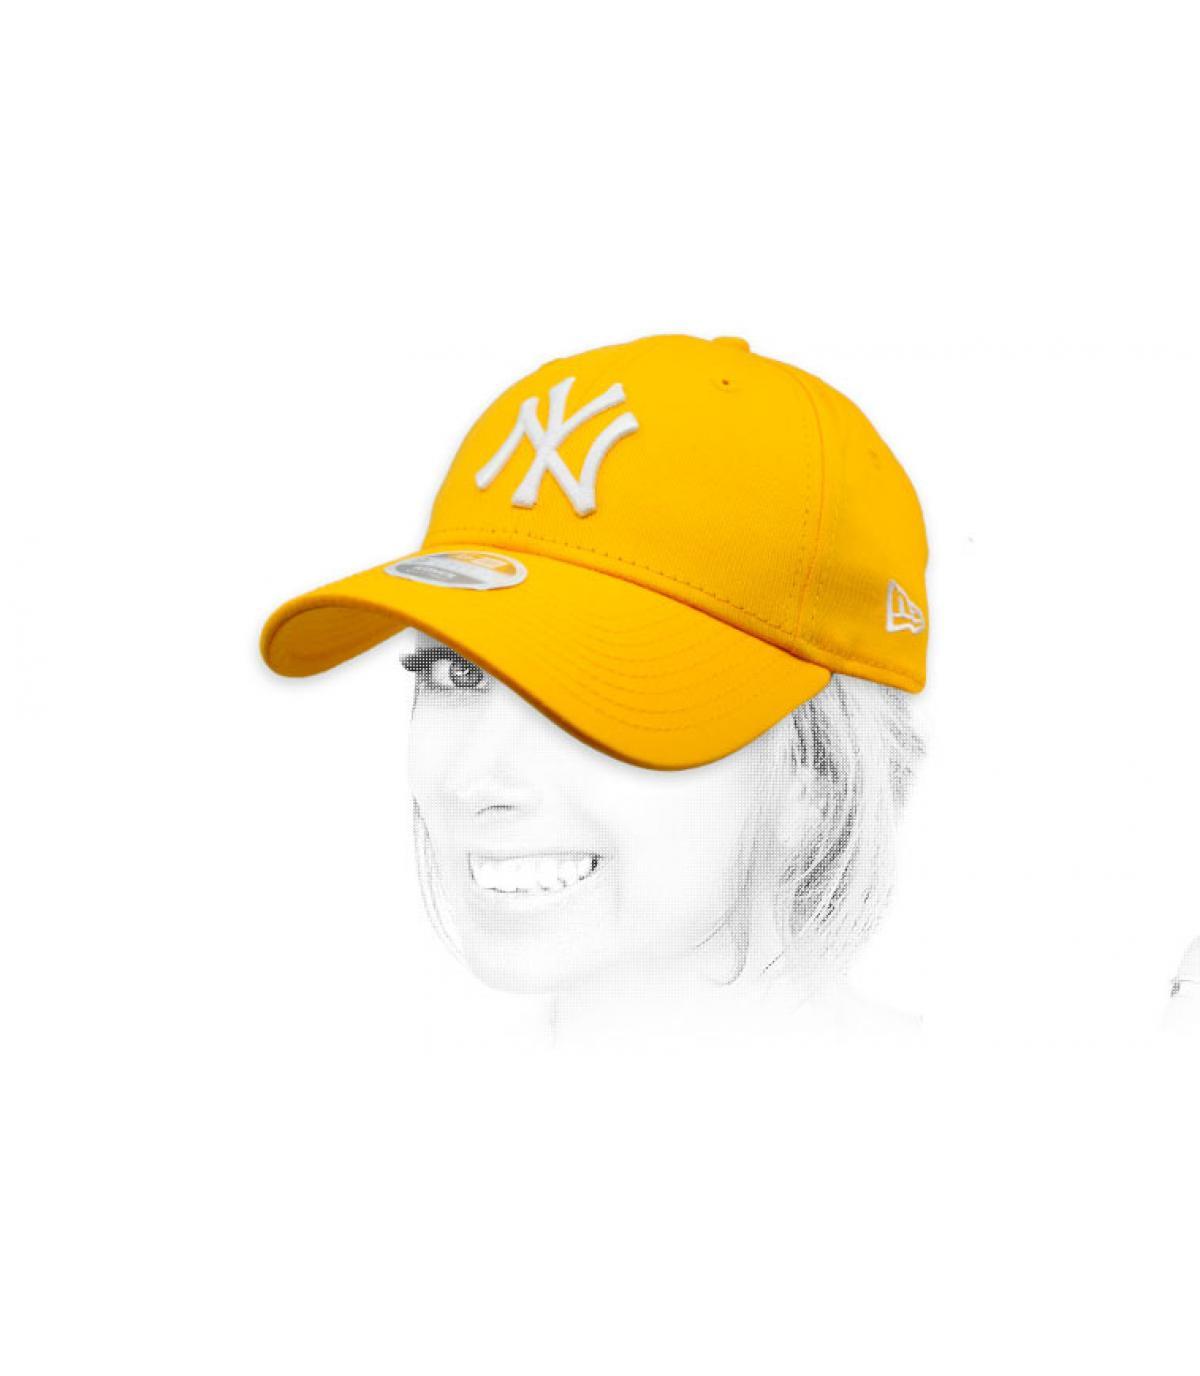 gorra NY mujer amarillo